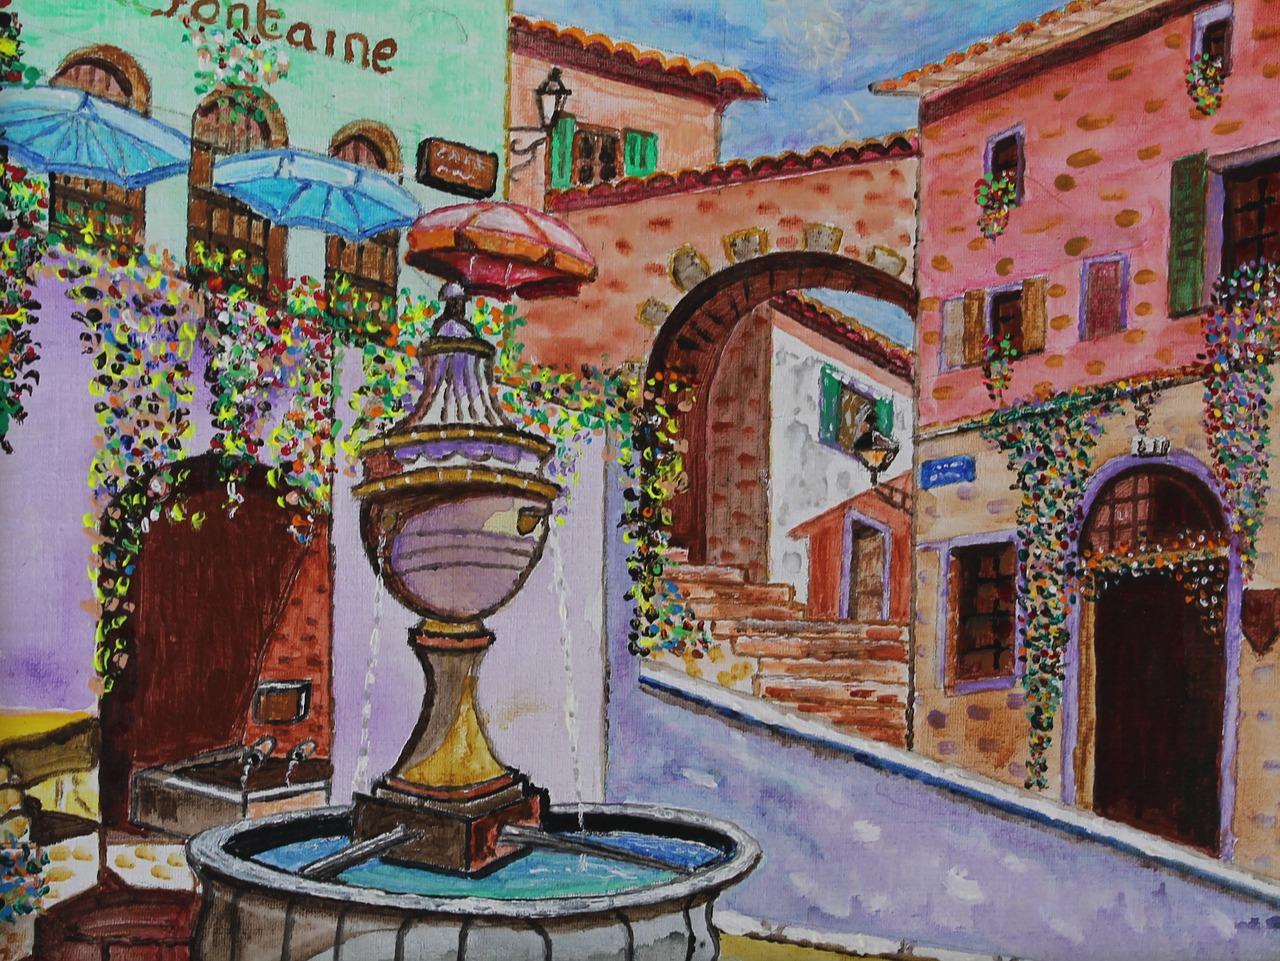 Saint Paul De Vence Art download free photo of st paul de vence,place,fountain